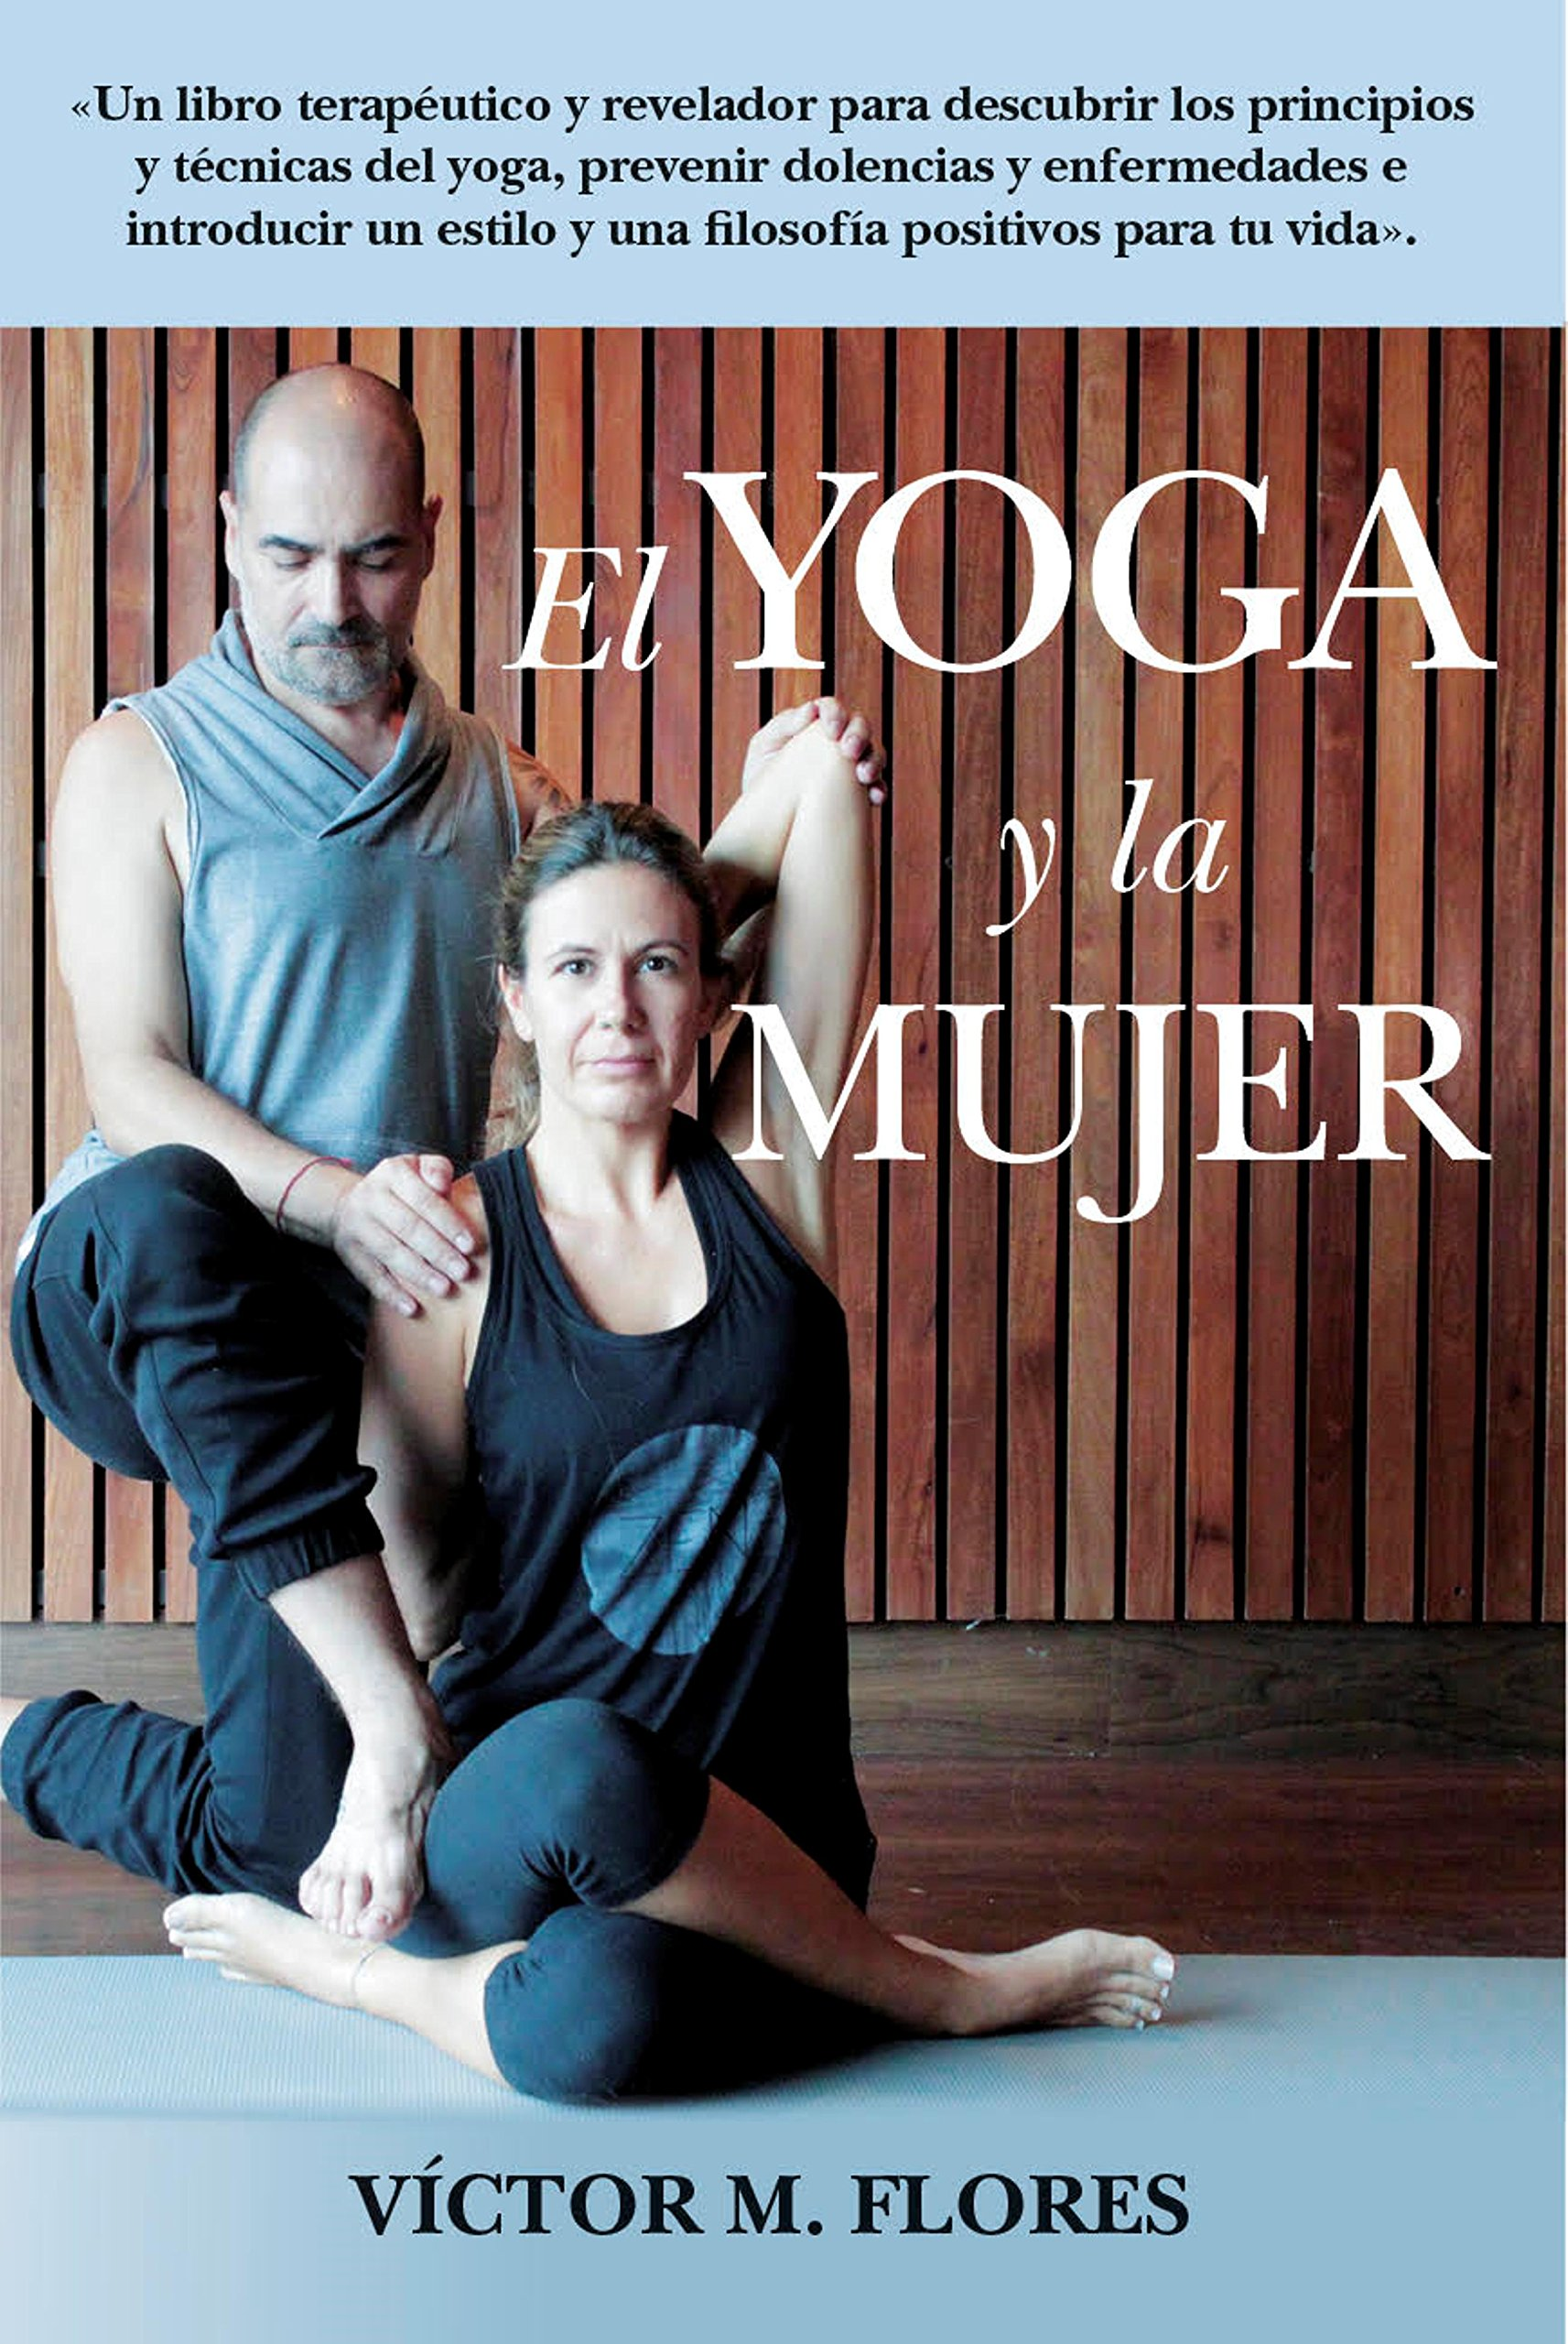 El yoga y la mujer (Spanish Edition): Victor M. Flores ...